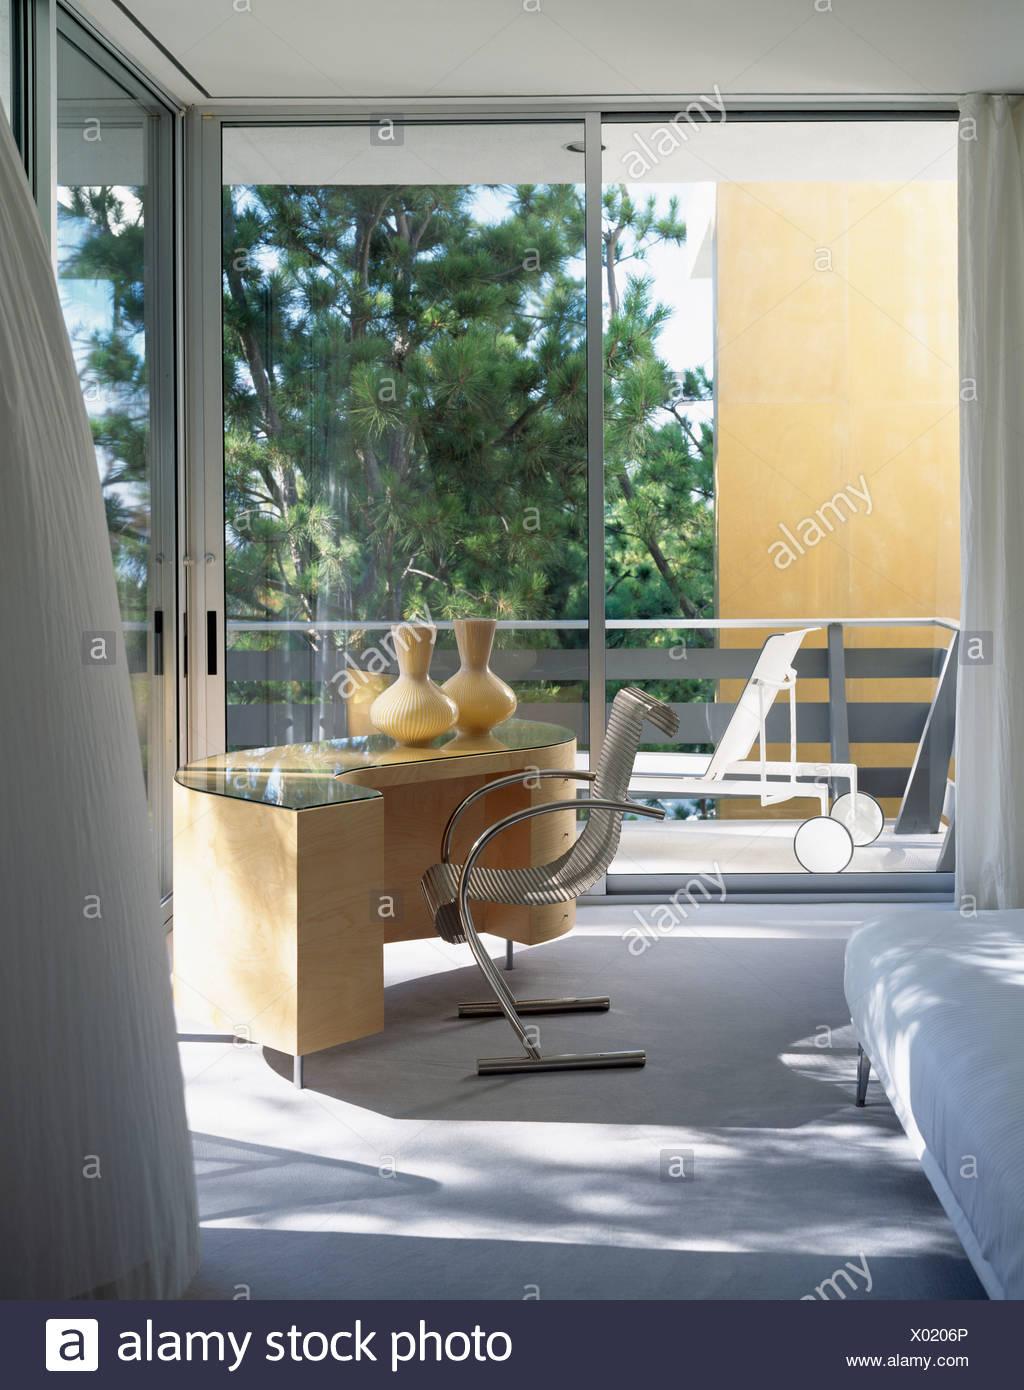 Mitte Des Jahrhunderts Modernen Schreibtisch Und Stuhl In Modernen  Schlafzimmer Mit Glastüren